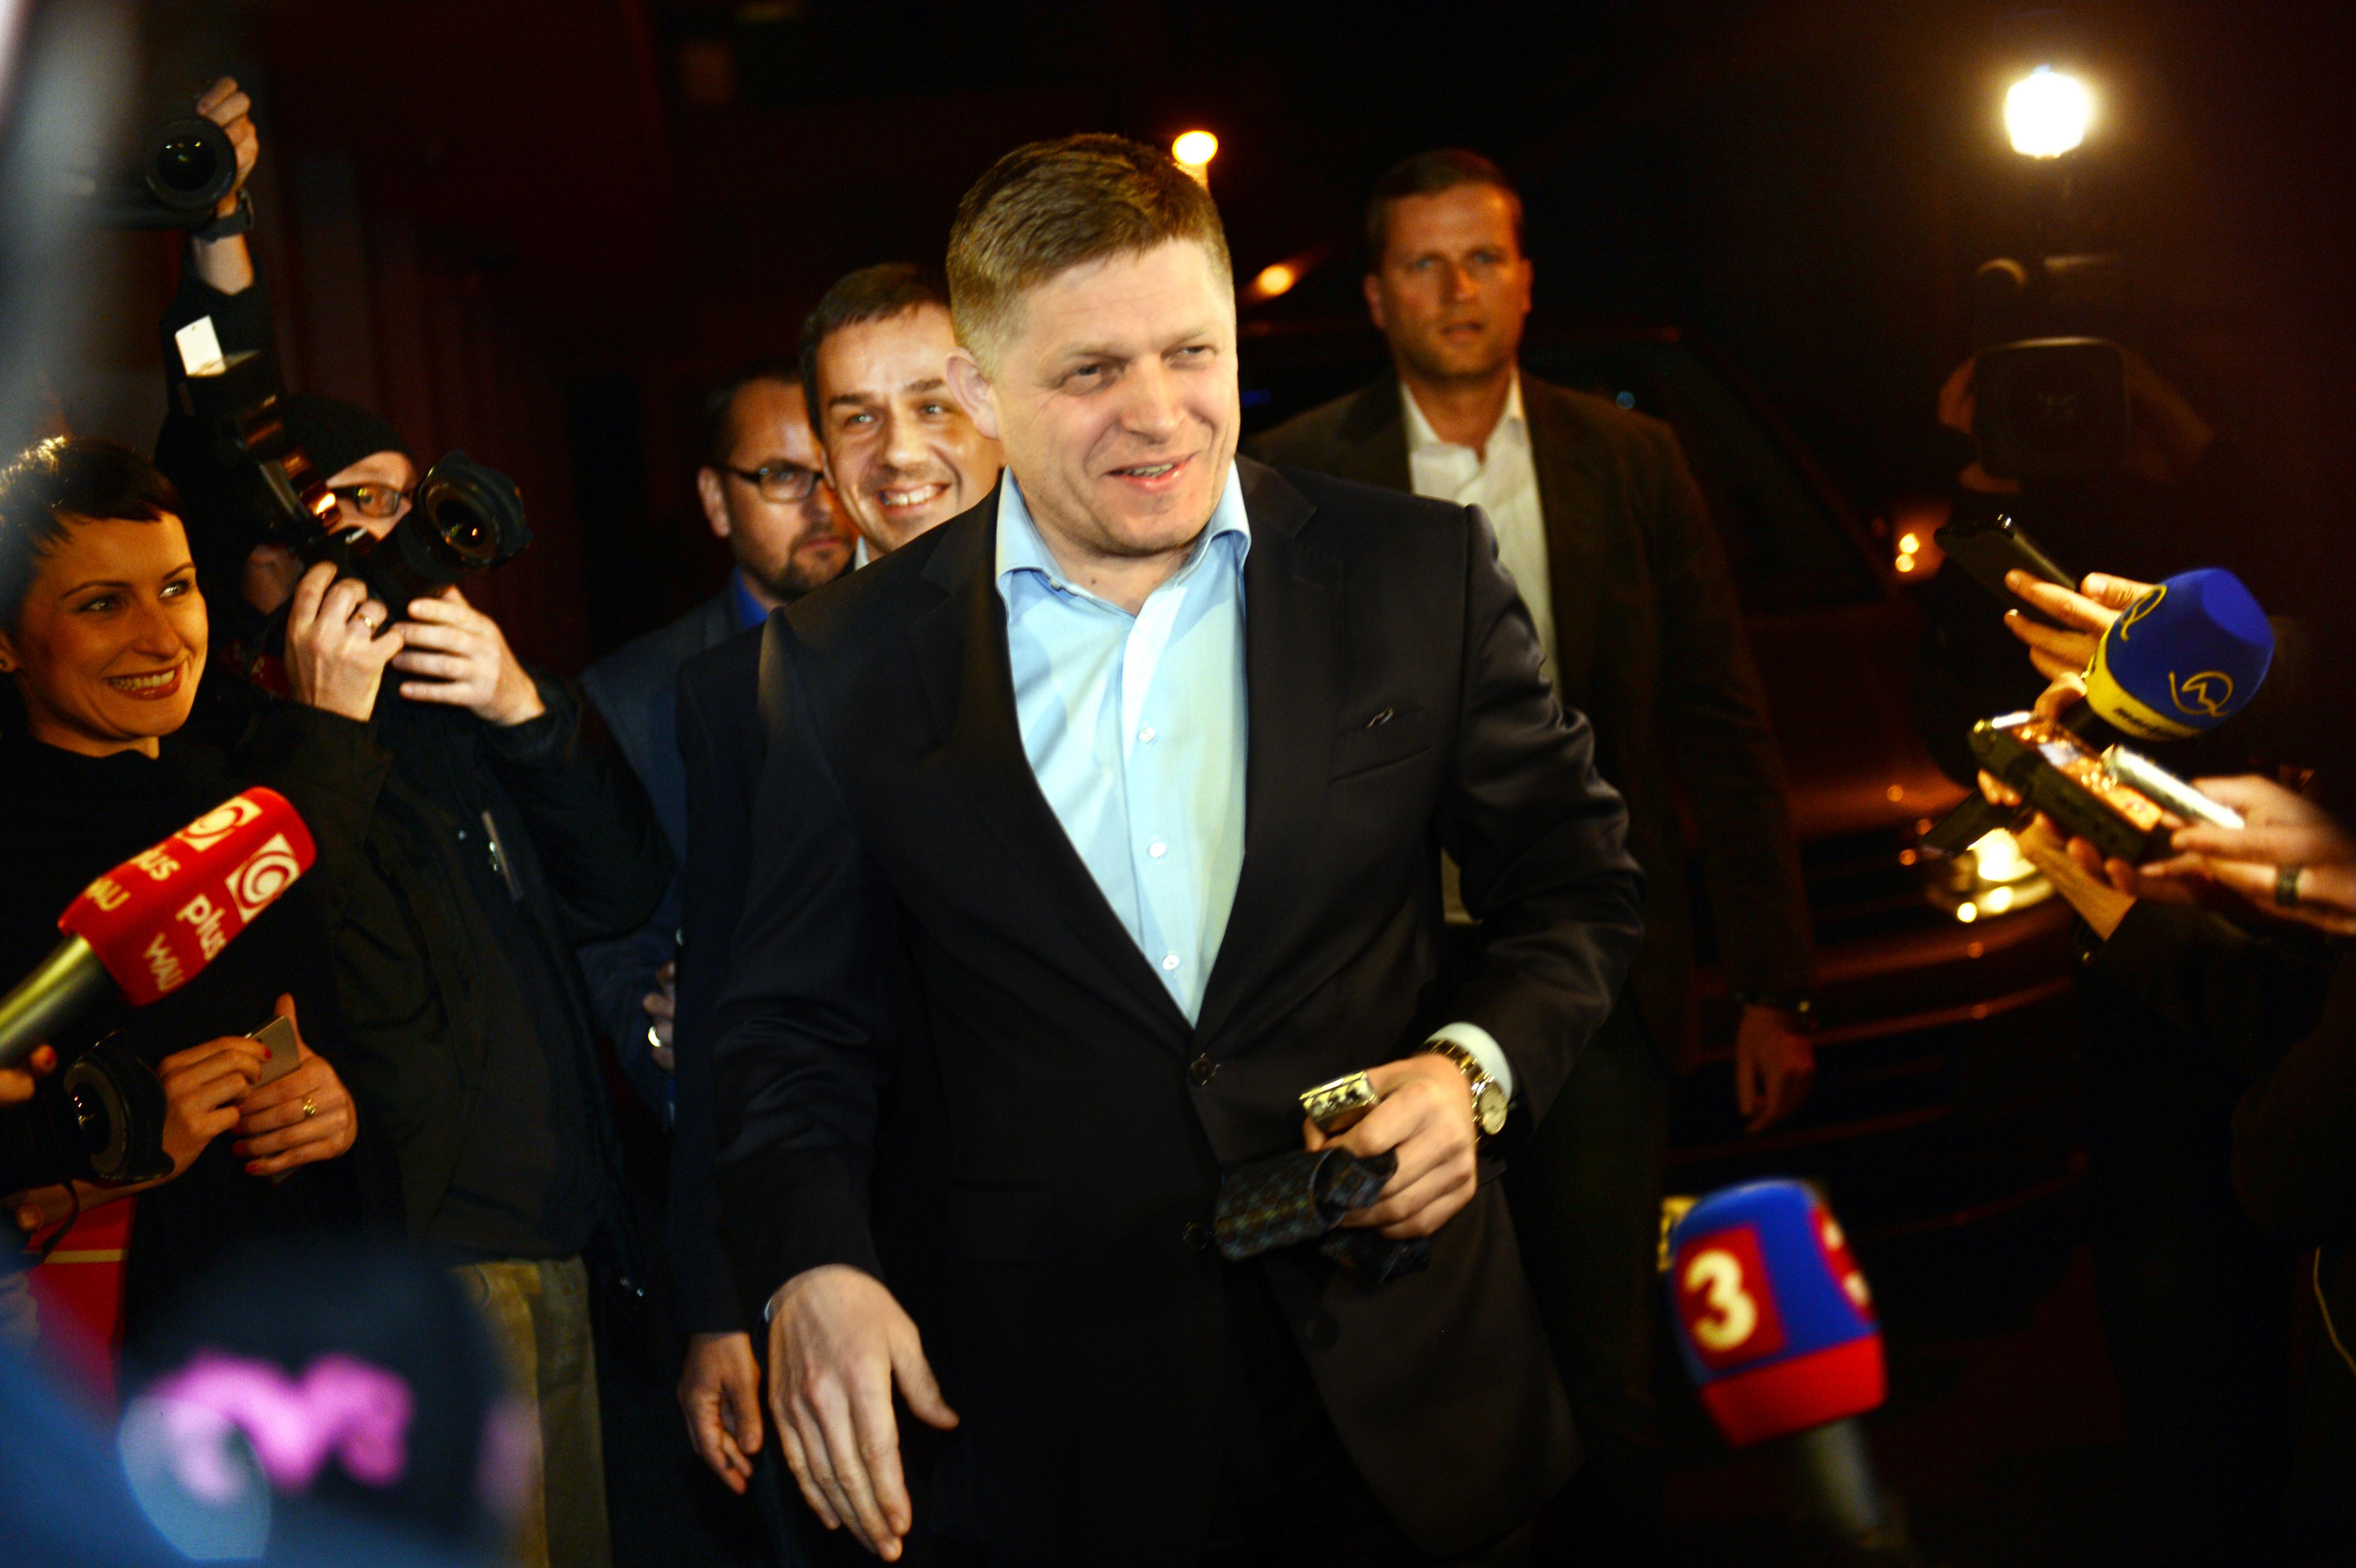 Na snímke kandidát na prezidenta SR Robert Fico prichádza do svojej volebnej centrály poèas volebnej noci po druhom kole vo¾by prezidenta SR 29. marca 2014 v Bratislave. FOTO TASR - Štefan Puškáš